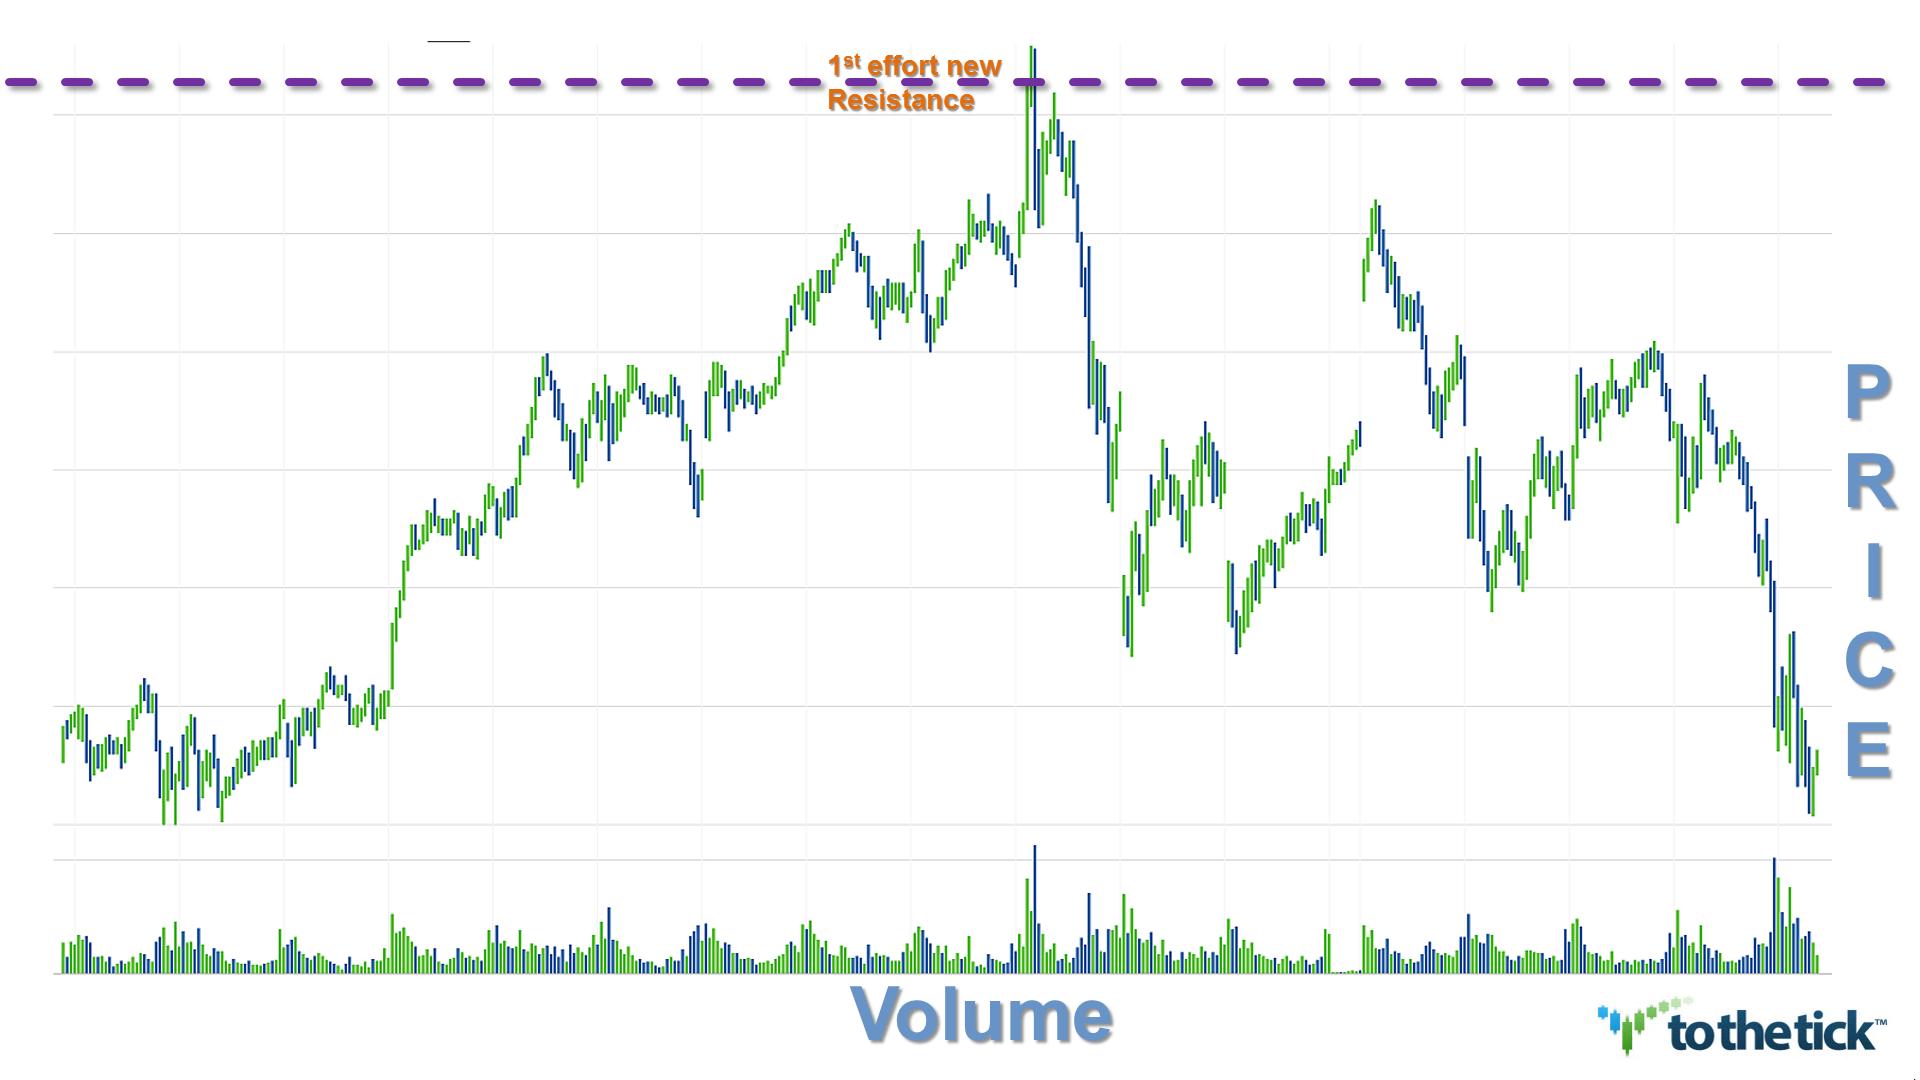 TTT orgbx ES 15m May 22 peak